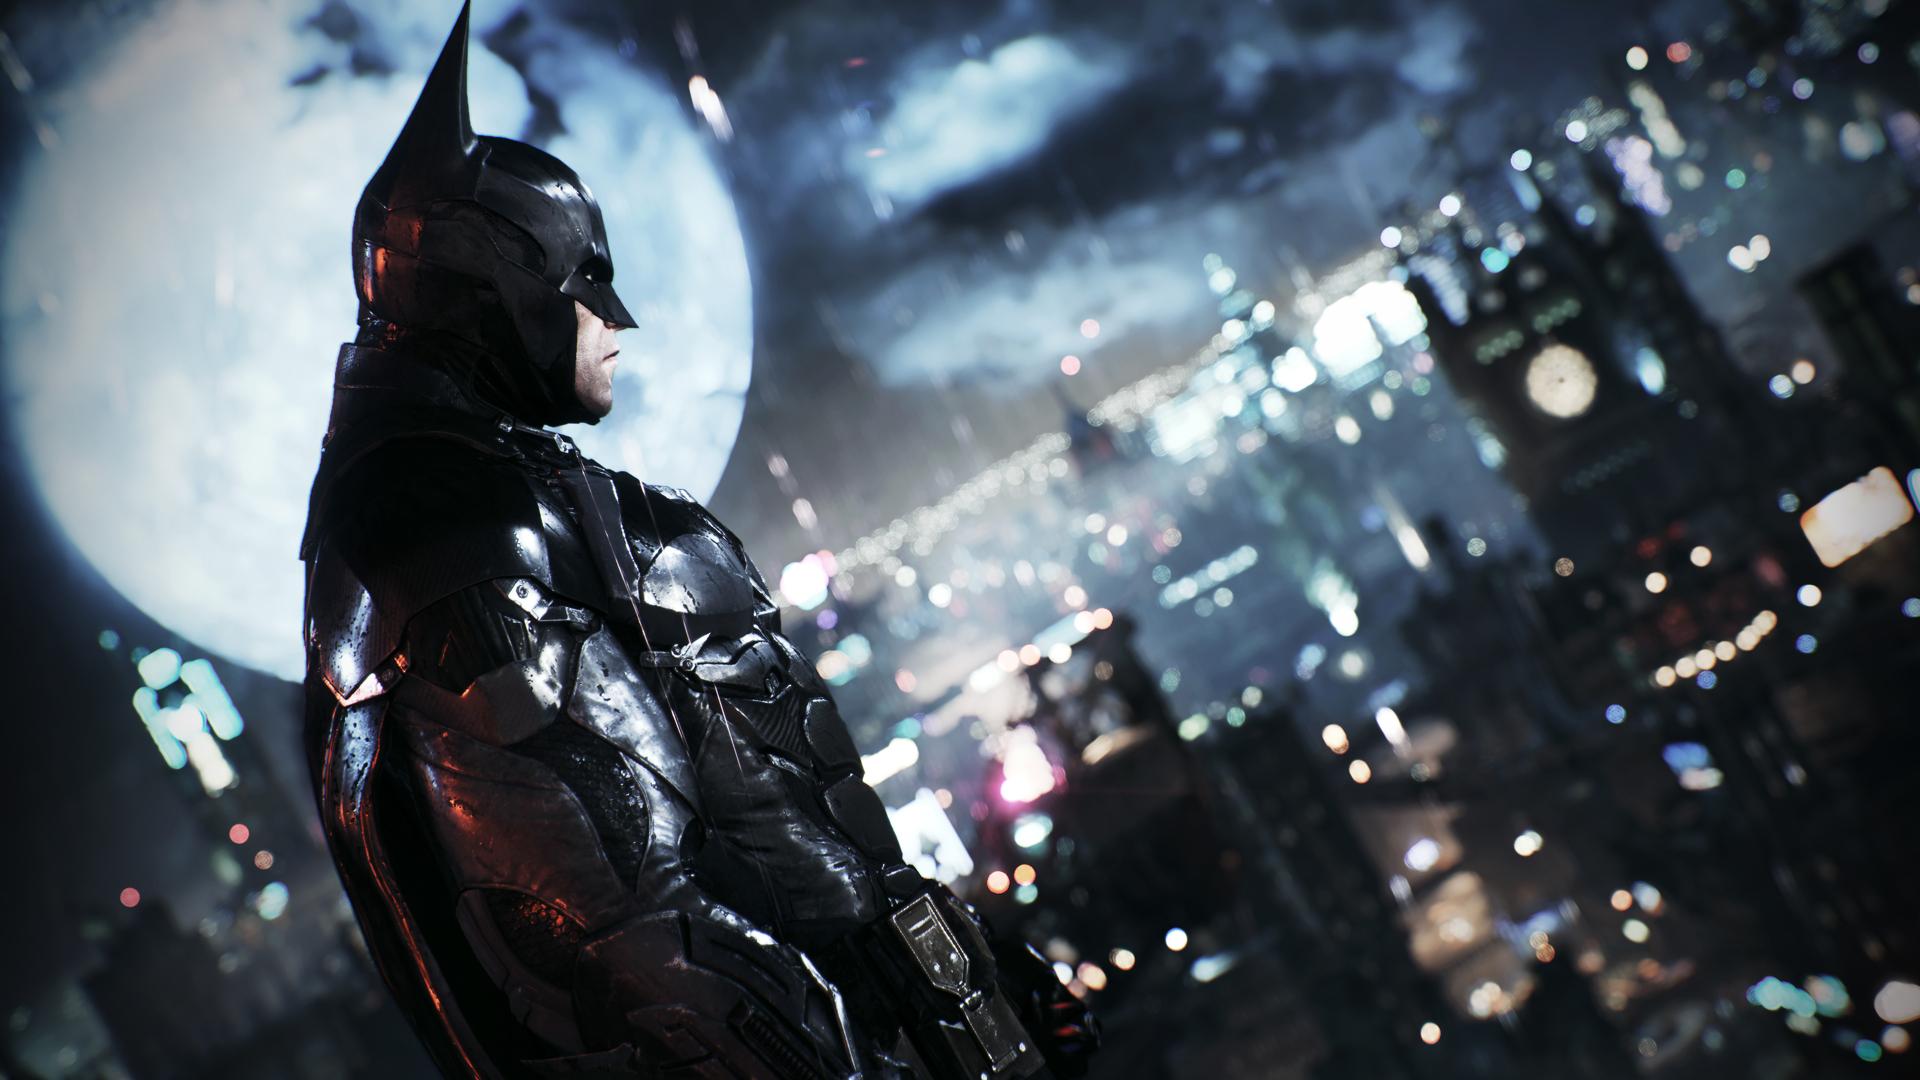 Výzvy s Batmobilem a další ukázky z nového Batmana 110683